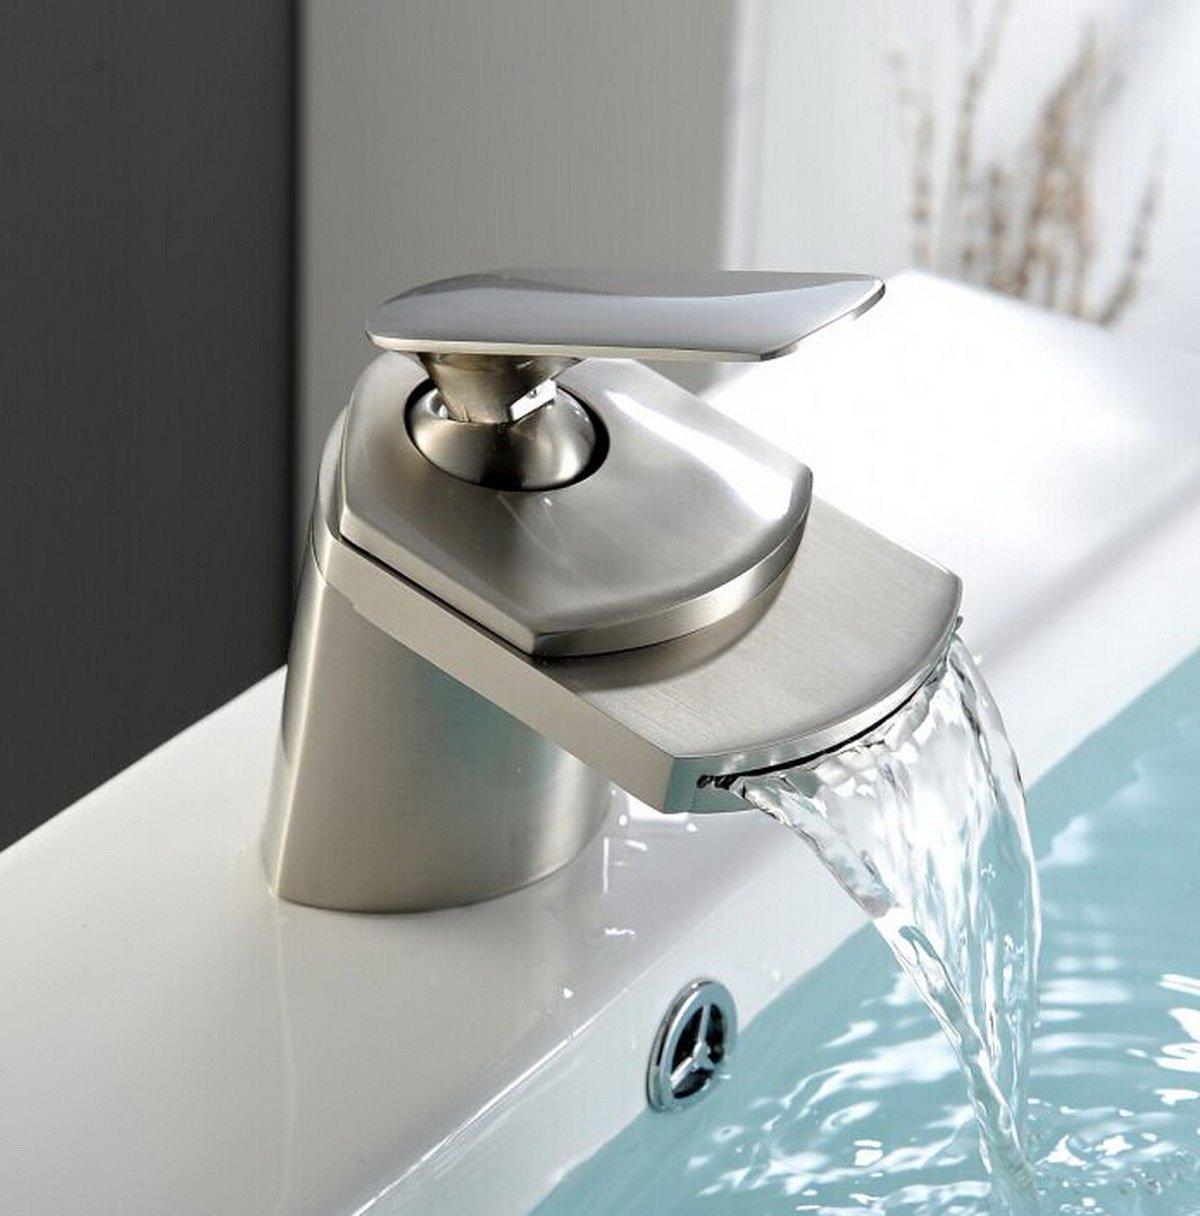 On Sale Yajo Modern Widespread Waterfall Spout Bathroom Vessel Sink Faucet Brushed Nickel